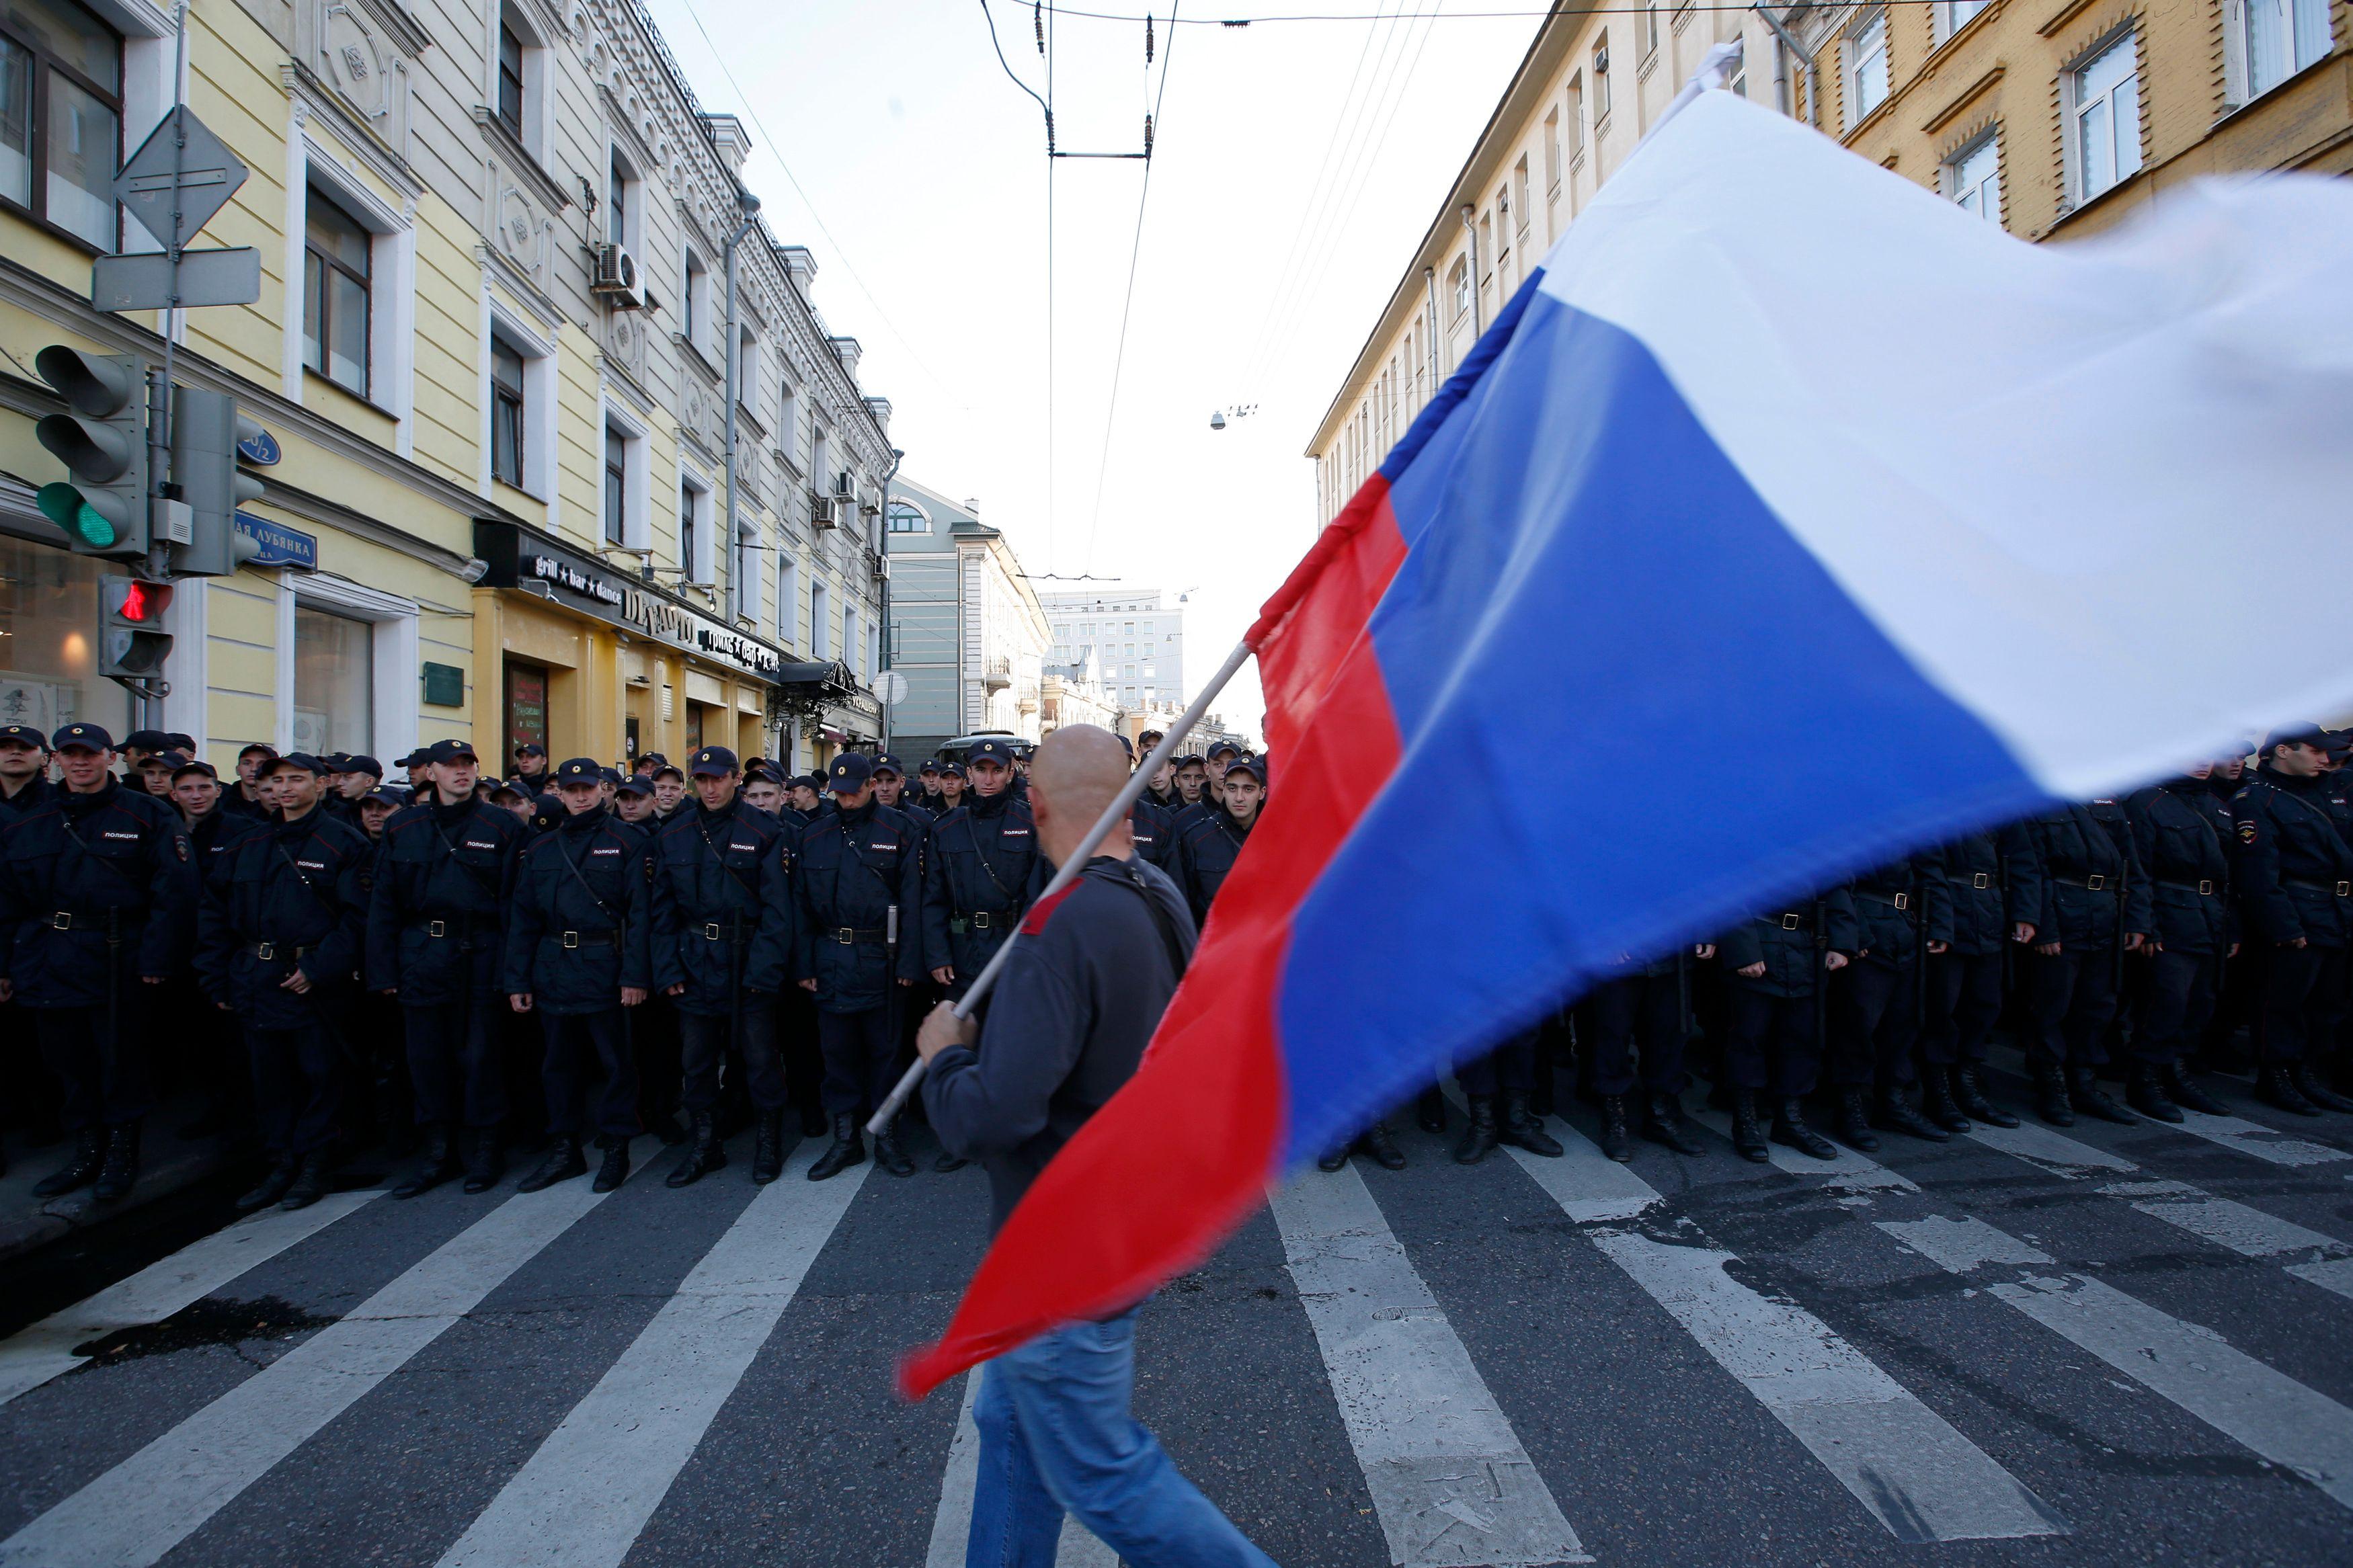 Les scientifiques russes seraient eux aussi frappés par la paranoïa anti-occidentale que connaît le pays de Vladimir Poutine.